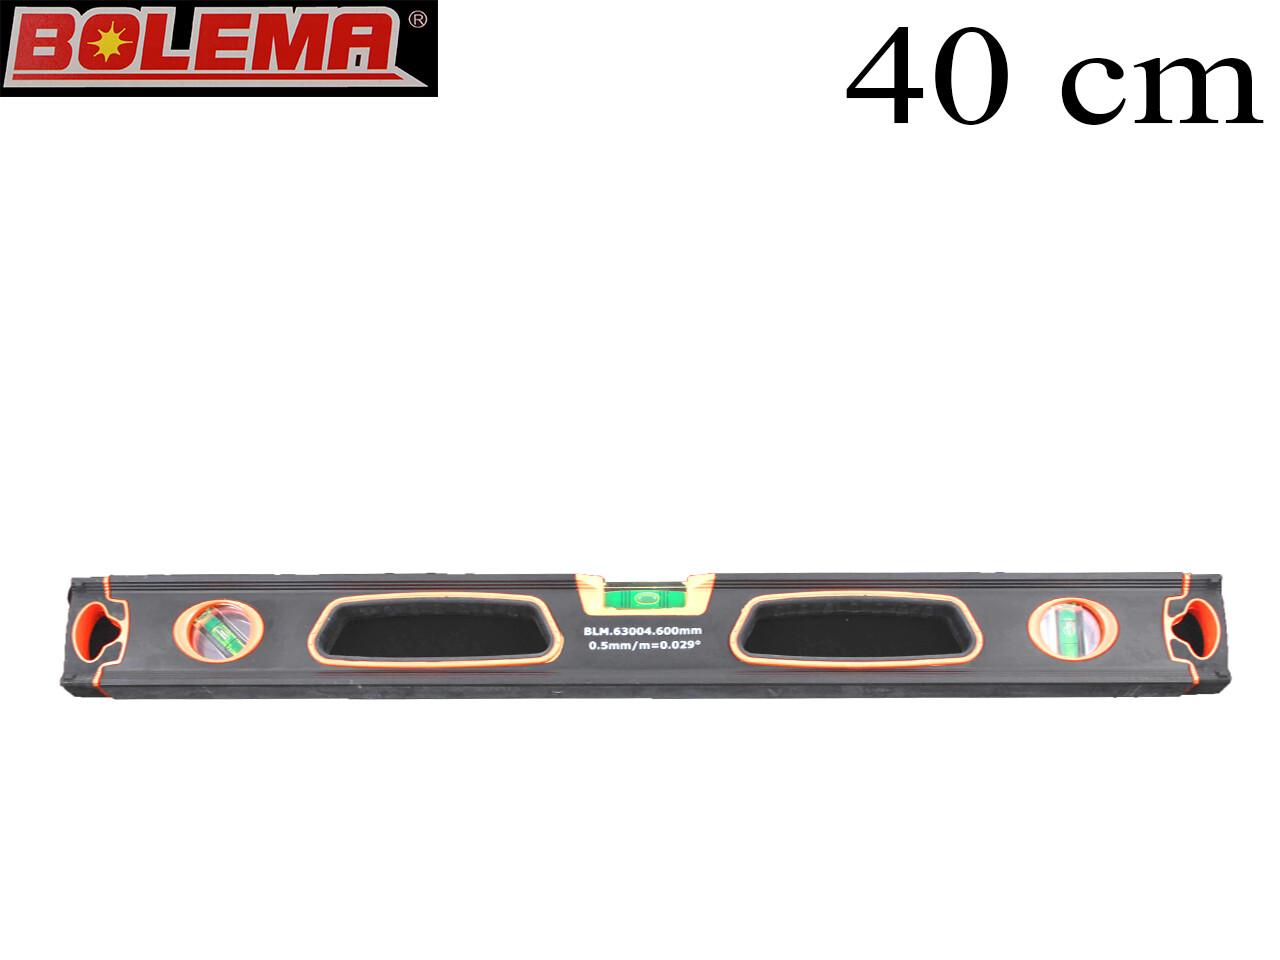 BOLEMA Հարթաչափ 040սմ 63004-40